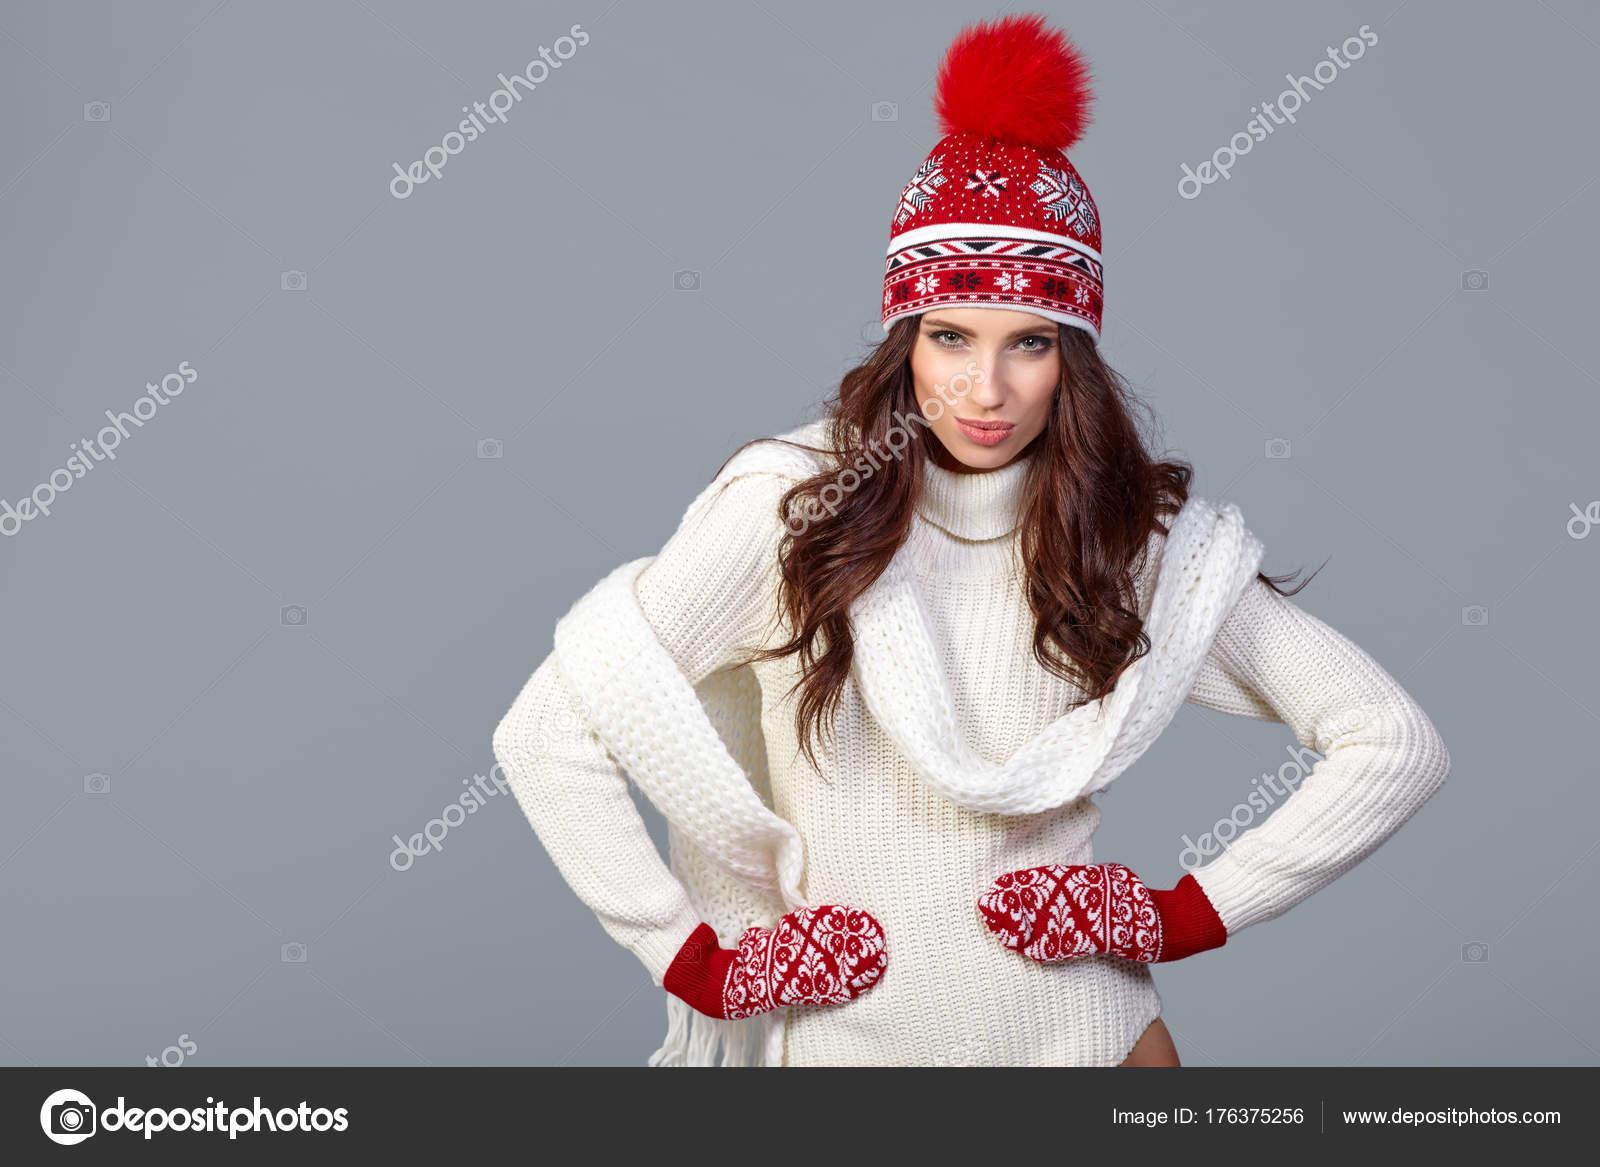 Зимова Мода Жінки Носять Модні Зимовий Час Одяг Білий Хутряні ... 9b407d2c9c65a